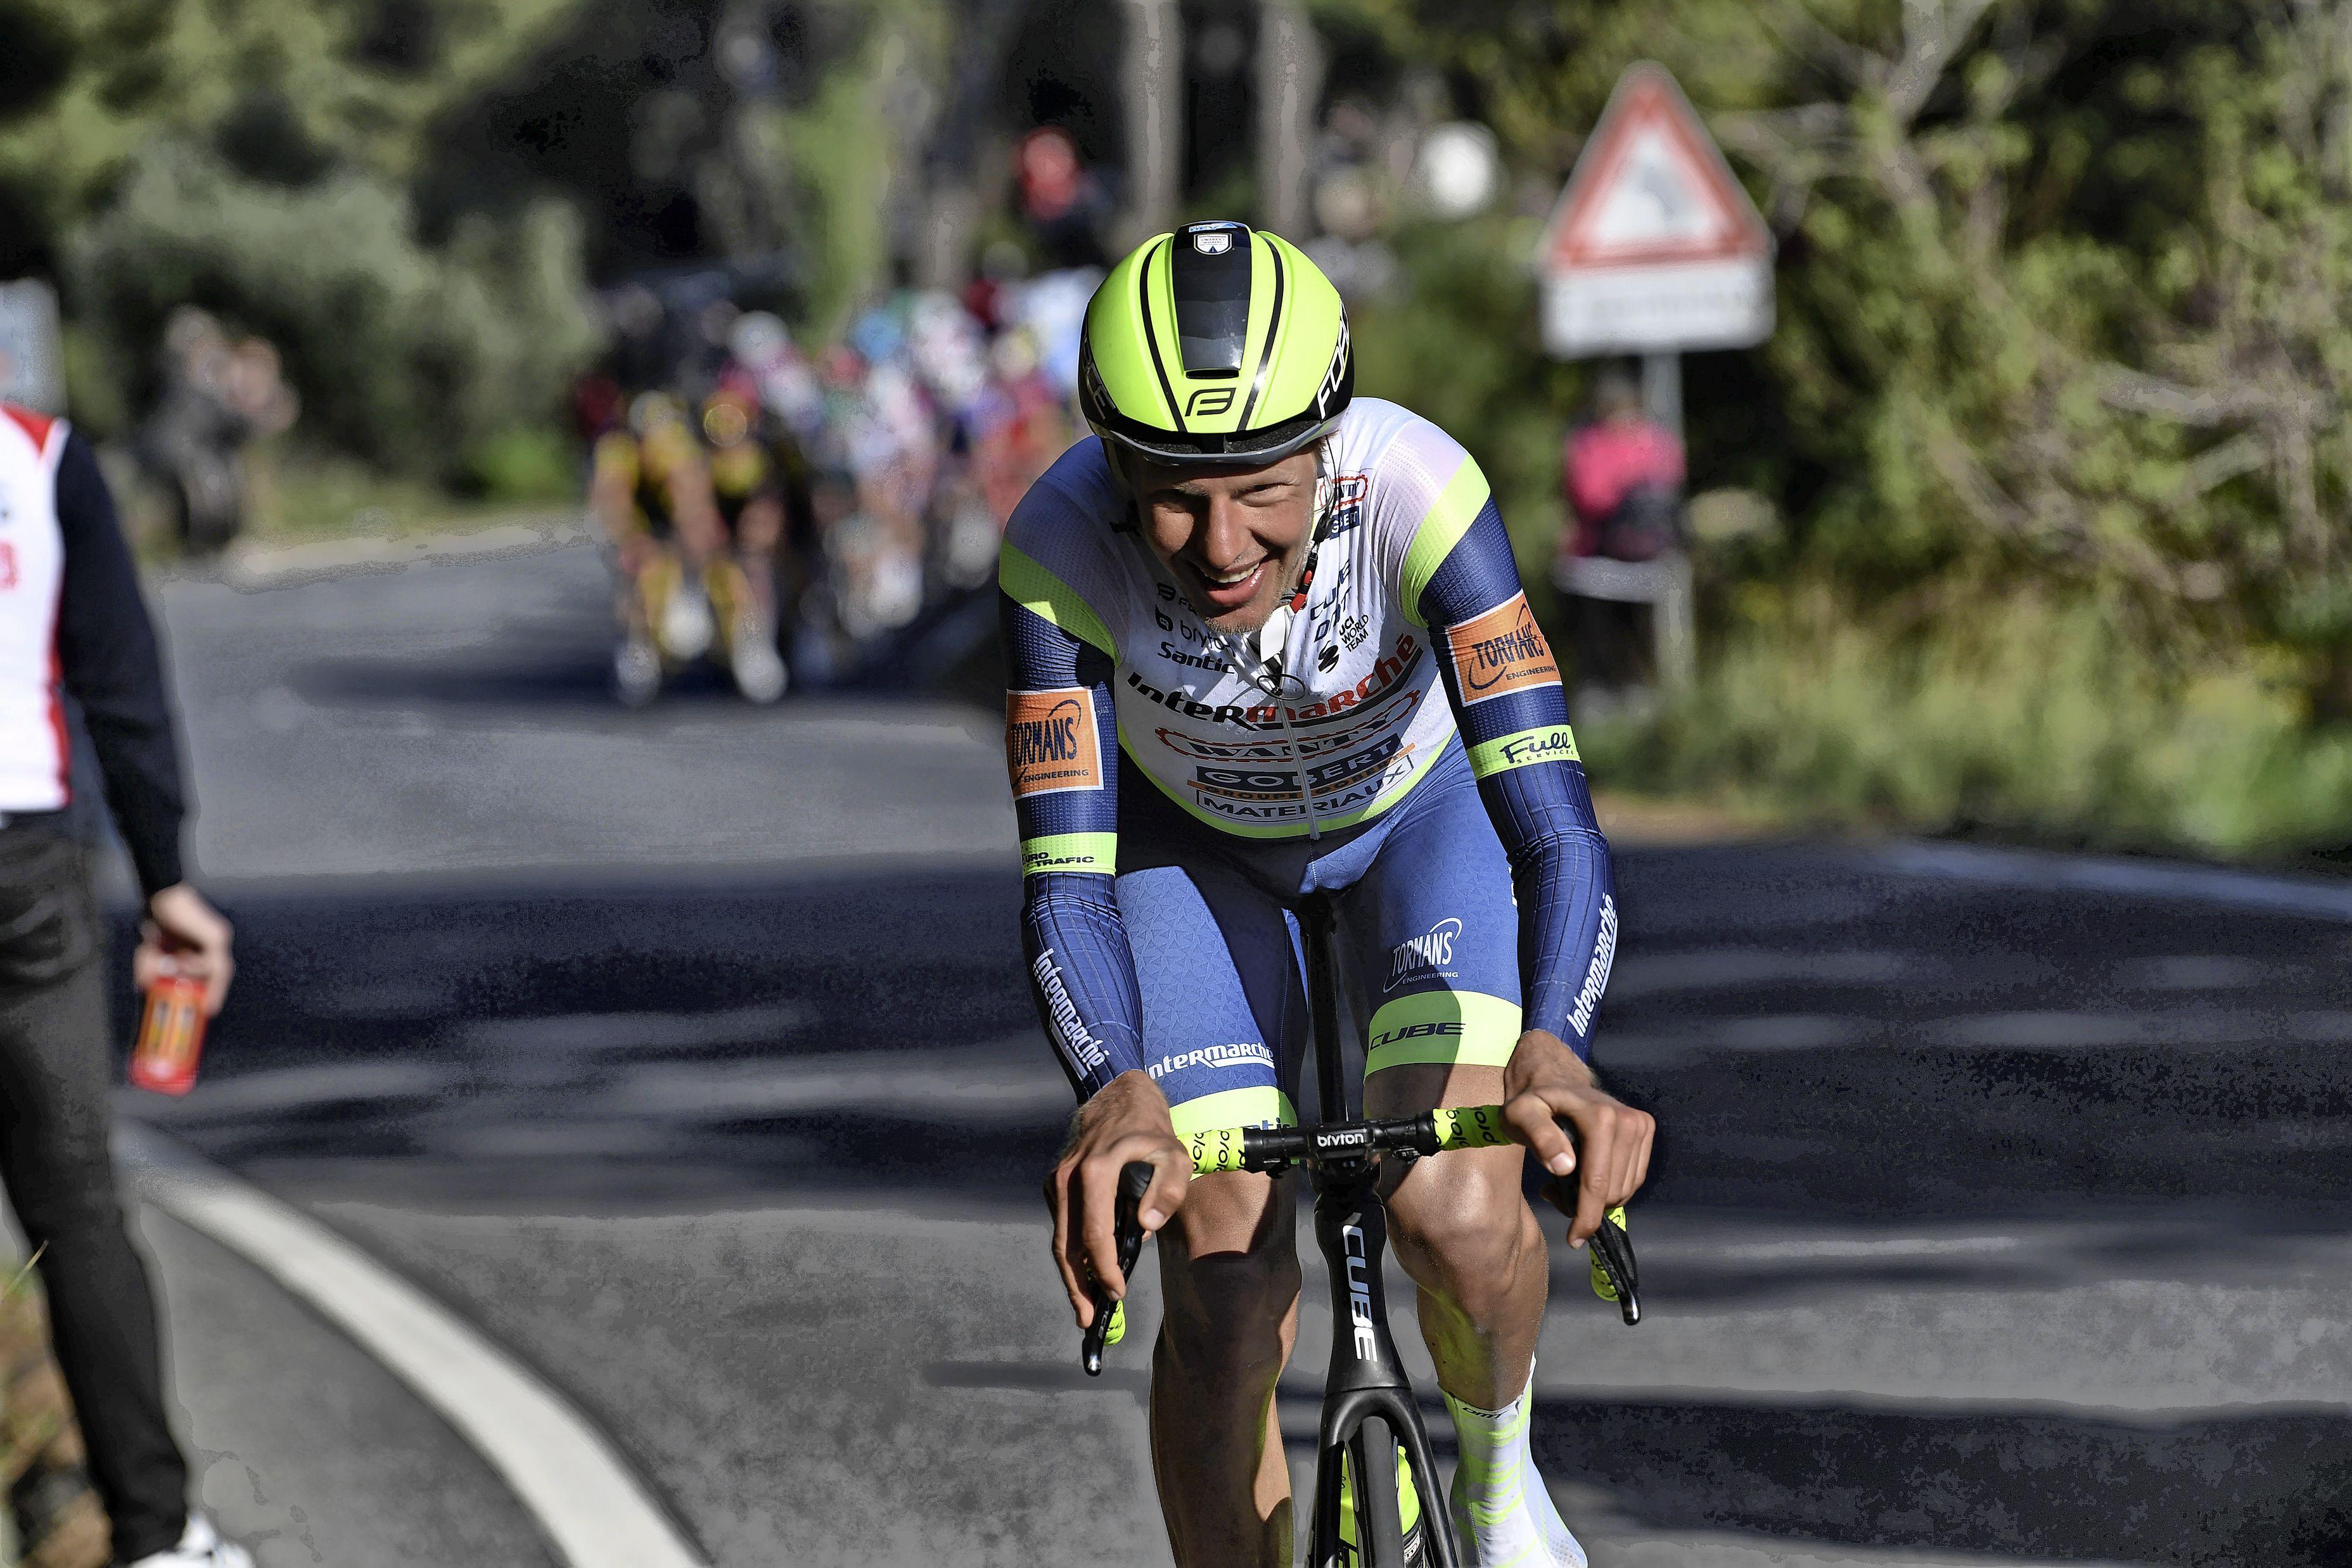 Wielrenner Taco van der Hoorn debuteert in de Giro: 'Ook al heb ik één procent kans, dat vind ik genoeg om er helemaal voor te gaan'